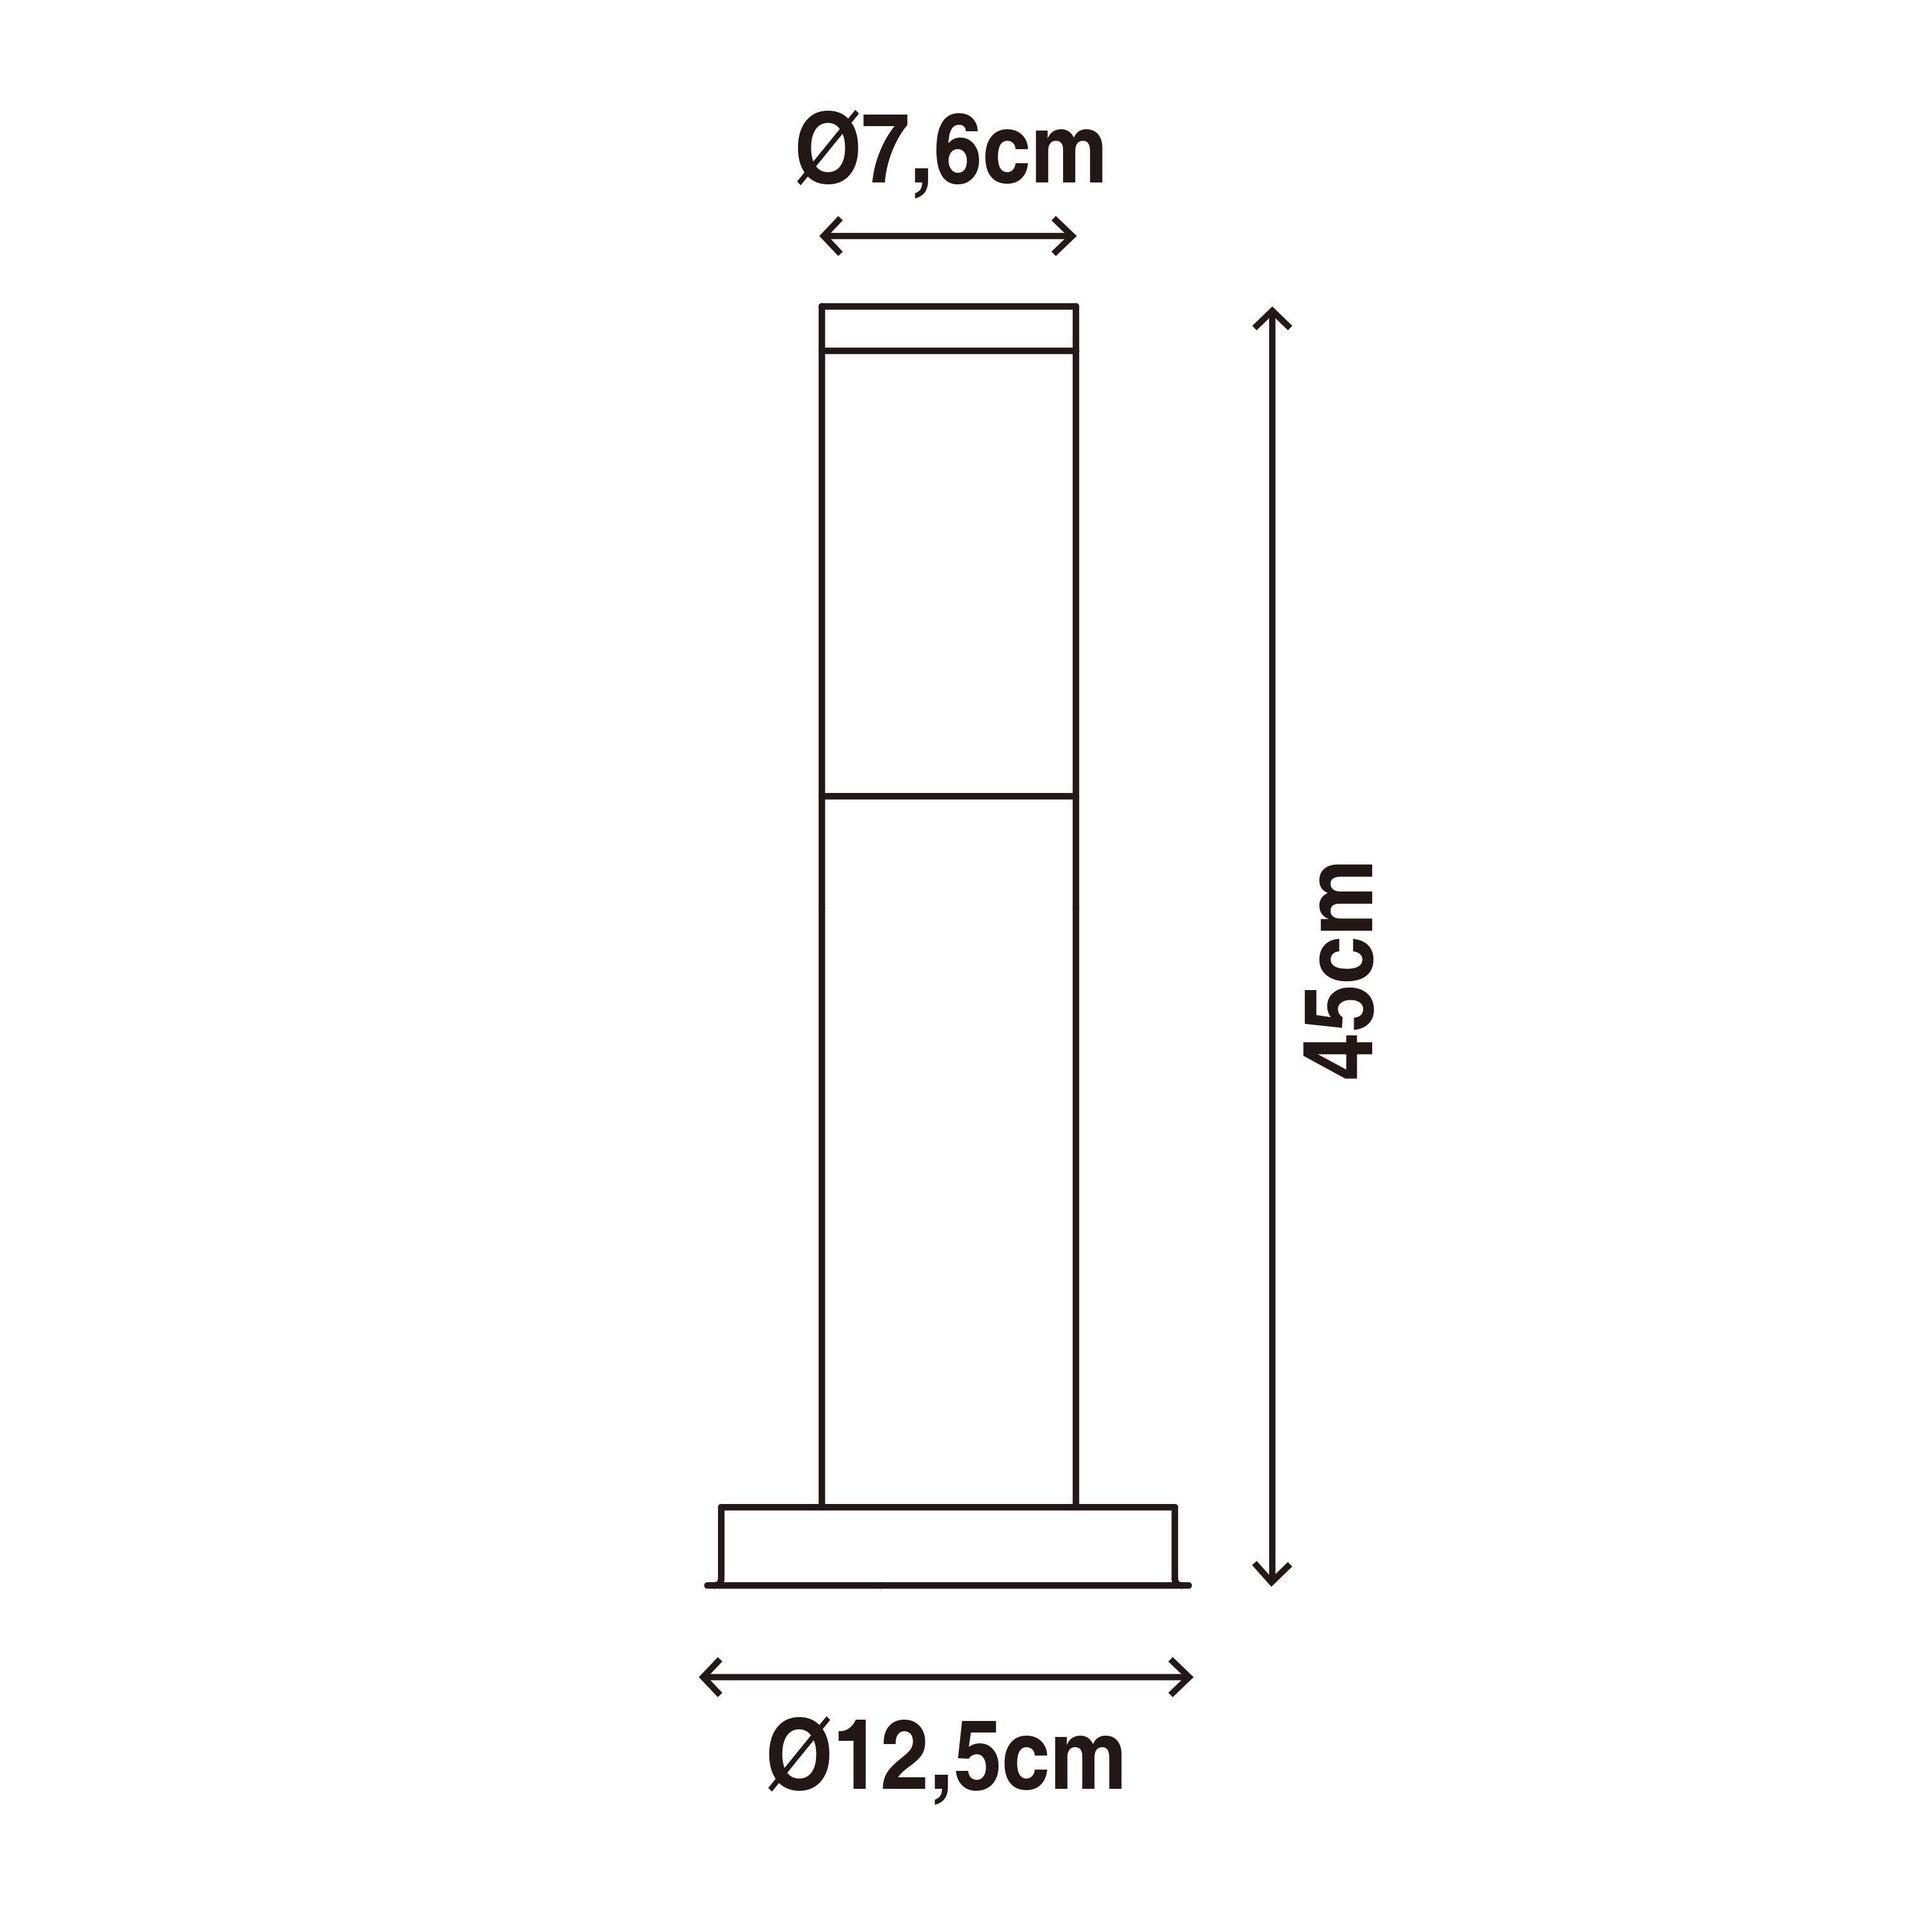 Lampione Travis H45.0 cm in acciaio inossidabile, nero, E27 1x MAX 15W IP44 INSPIRE - 7